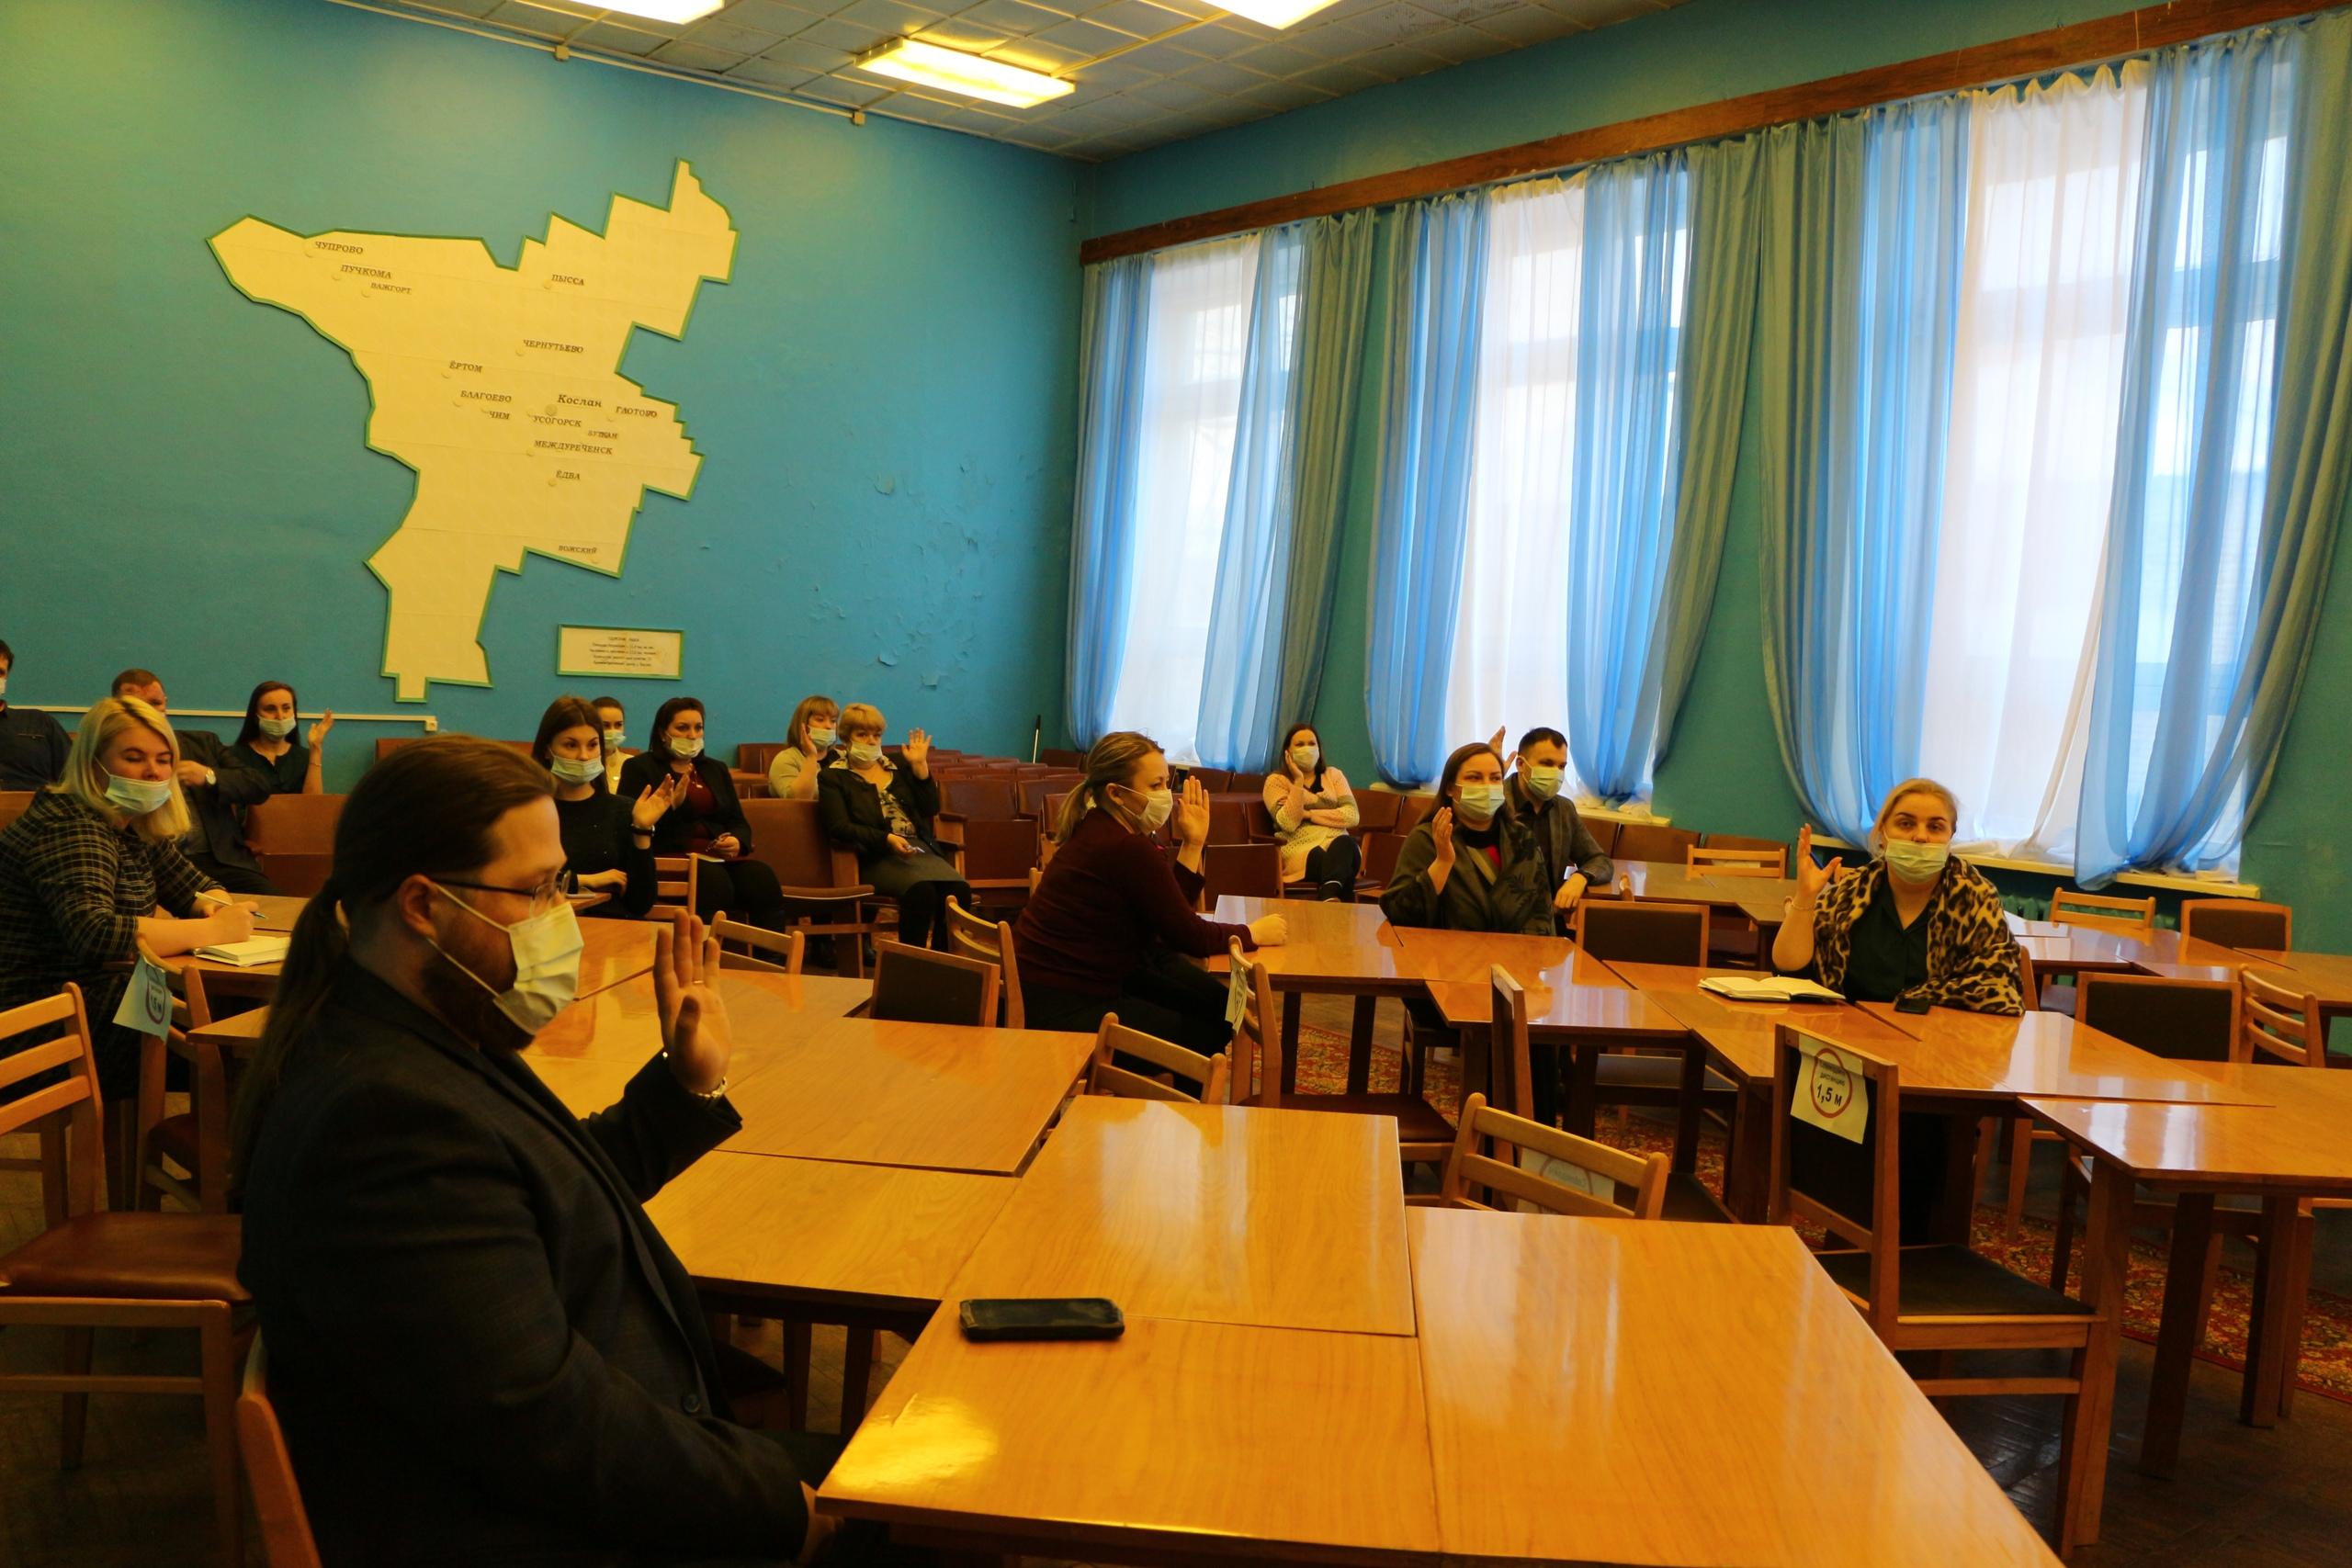 В администрации района прошли публичные слушания по внесению изменений в Устав района